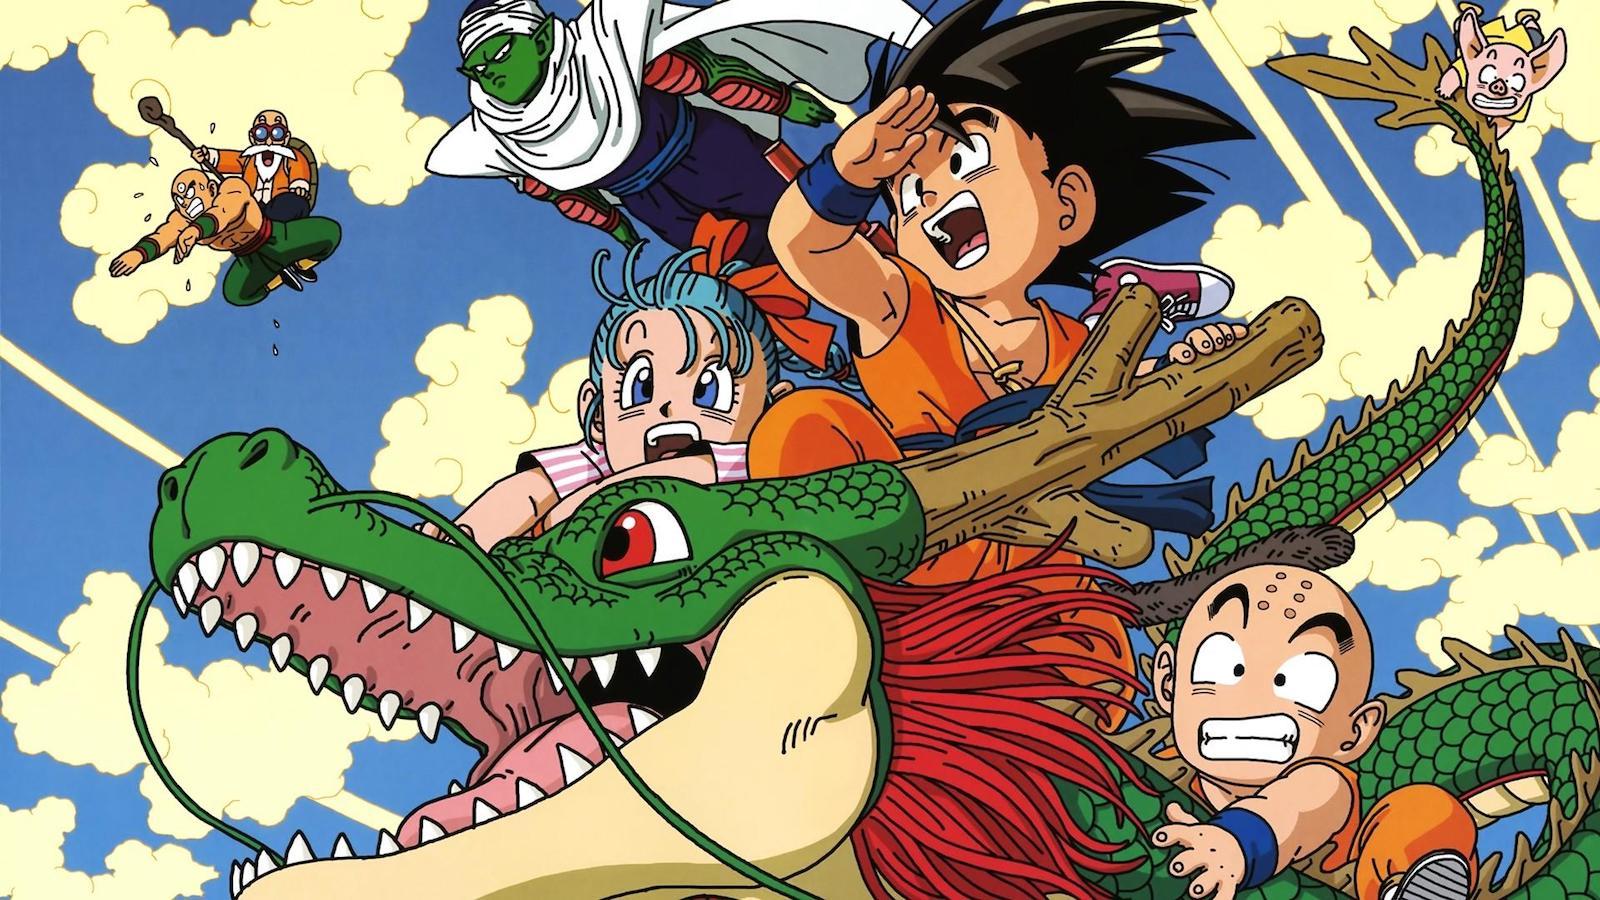 Conheça os animes clássicos e acompanhe a evolução do mundo Otaku